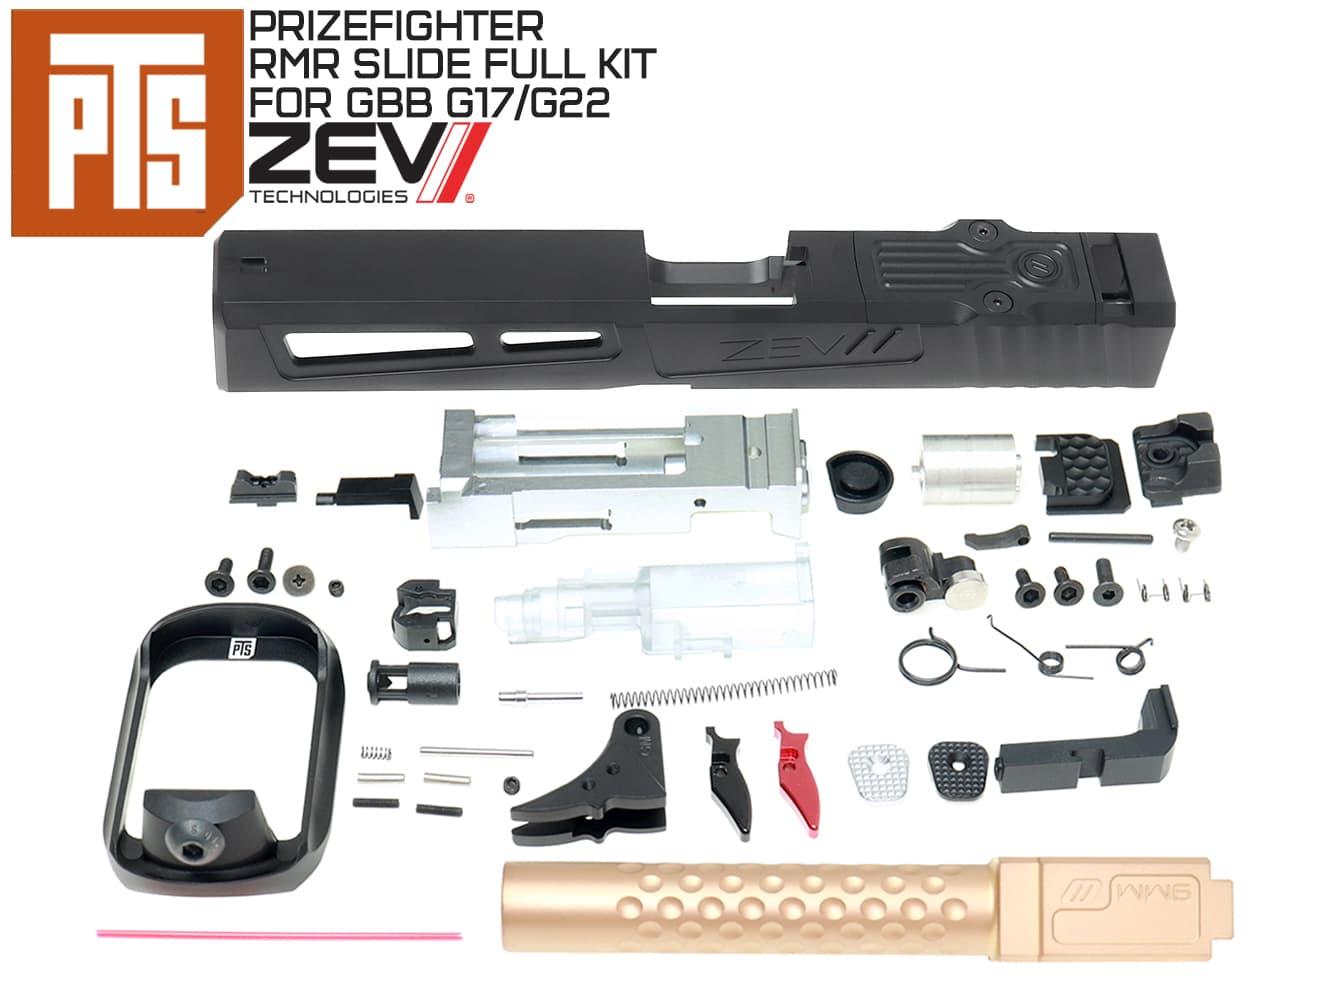 PTS ZEV Prizefighter RMR G17 スライド/アウターバレル フルキット BK◆マルイ G17/G22用高品質外装パーツフルセット ハンマーノズル等対応可能 正規ライセンス